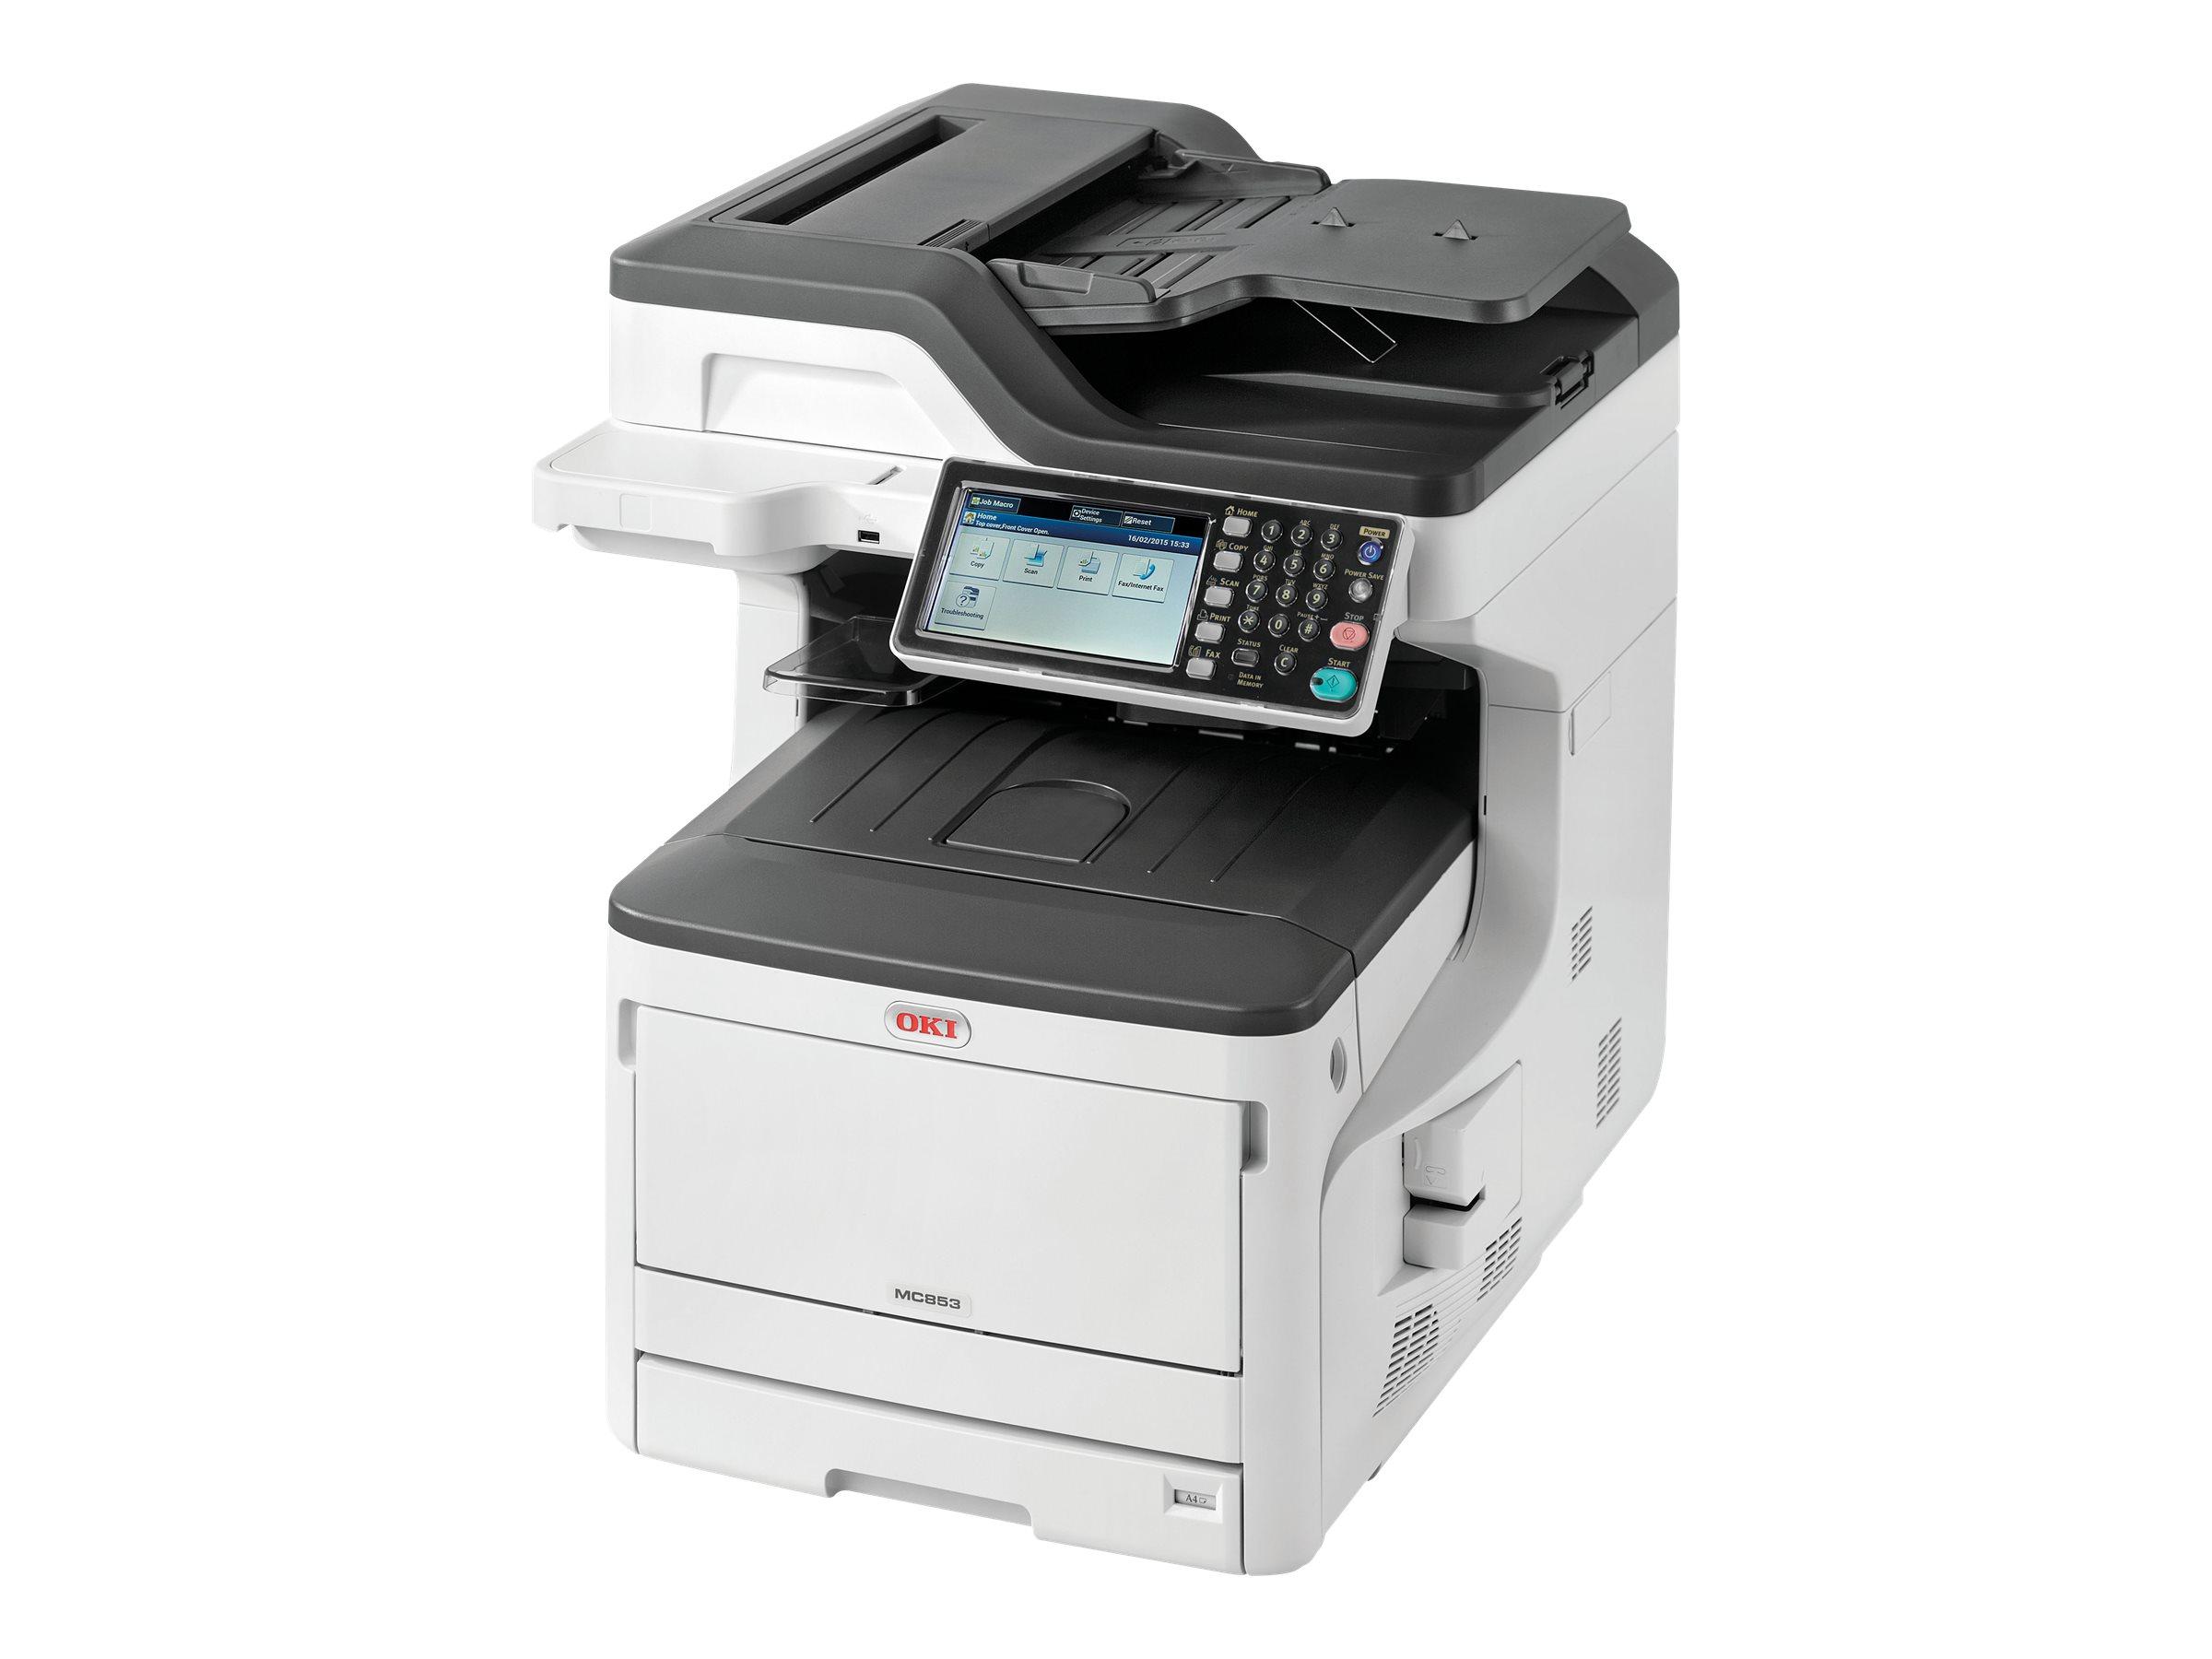 OKI MC853DN - Multifunktionsdrucker - Farbe - Laser - bis zu 23 Seiten/Min. (Drucken) - 400 Blatt - 33.6 Kbps - USB 2.0 - Gigabit LAN - USB-Host